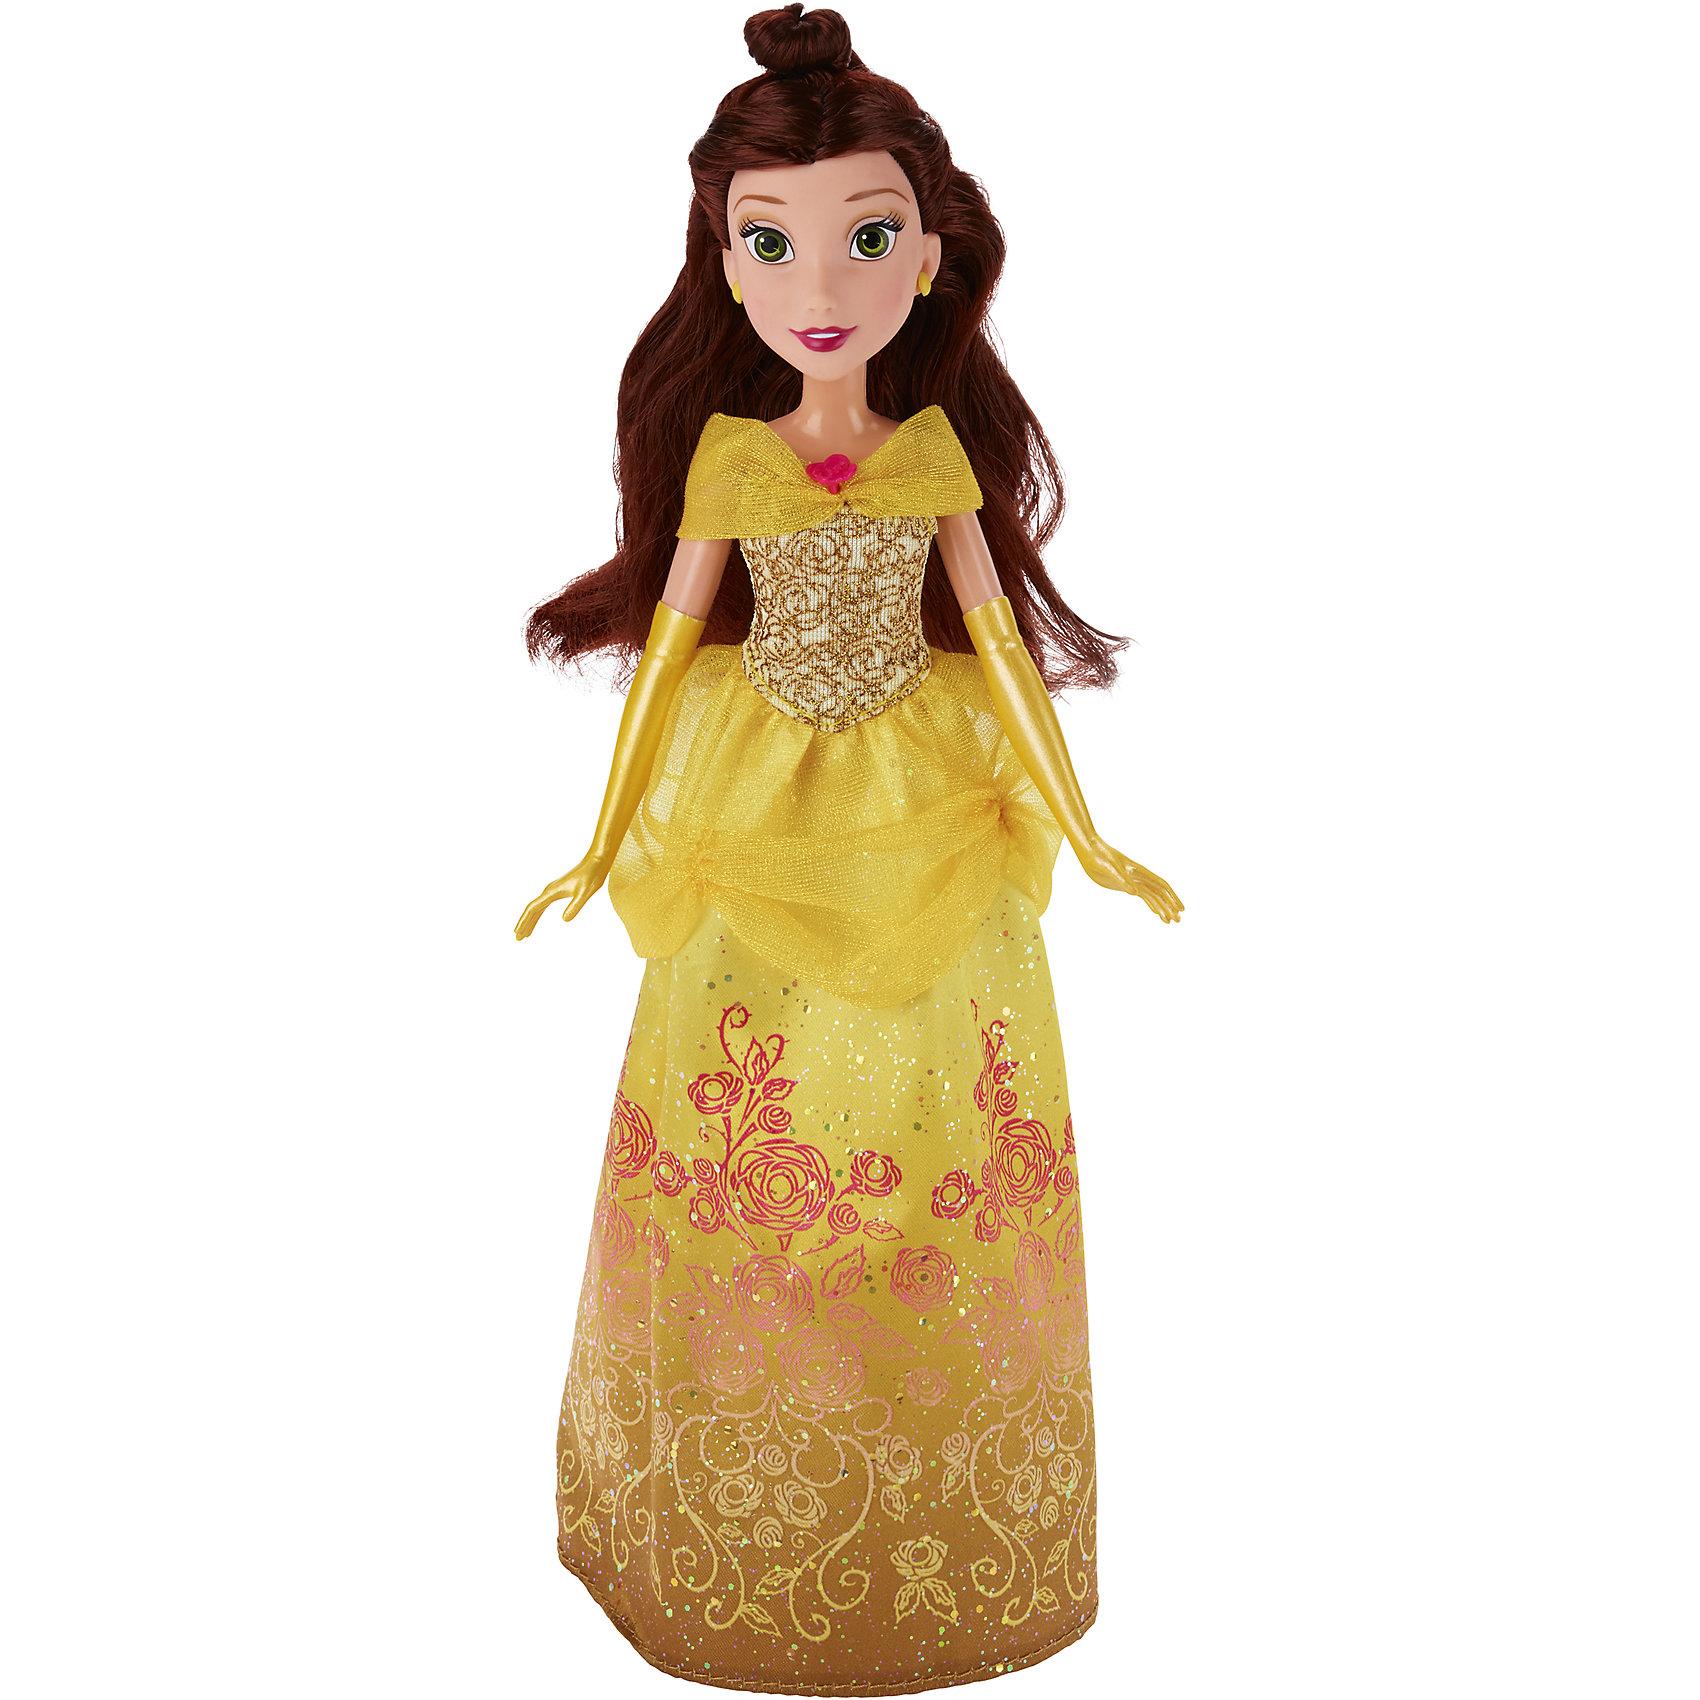 Классическая модная кукла Принцесса Белль, B6446/B5287Классическая модная кукла Принцесса, B6446/B5287.<br><br>Характеристики:<br><br>- Материал: пластмасса, текстиль.<br>- Высота куклы: 28 см.<br>- Размер упаковки: 15х5х36 см.<br><br>Симпатичная кукла представлена в образе прекрасной принцессы Disney по имени Белль из мультипликационного сериала Красавица и чудовище. Она одета в нарядное золотистое платье. Мерцание блеска, витиеватые узоры в виде цветов, изящные длинные перчатки и аккуратные желтые туфли — все это делает образ диснеевской принцессы нежным, но в то же время нарядным. Юное личико Белль охвачено легким румянцем, легкий макияж подчеркивает и без того яркие глаза и губы Белль, а удивленное выражение придает образу озорства и легкости. У куклы невероятно красивые темные волосы, которые можно расчесывать и заплетать. Подвижные ручки, ножки и голова позволяют кукле принимать множество реалистичных поз. Очаровательная детализированная кукла приведет в восторг вашу малышку и отлично дополнит ее коллекцию диснеевских принцесс.<br><br>Классическую модную куклу Принцесса, B6446/B5287 можно купить в нашем интернет-магазине.<br><br>Ширина мм: 51<br>Глубина мм: 152<br>Высота мм: 860<br>Вес г: 215<br>Возраст от месяцев: 36<br>Возраст до месяцев: 144<br>Пол: Женский<br>Возраст: Детский<br>SKU: 5064734